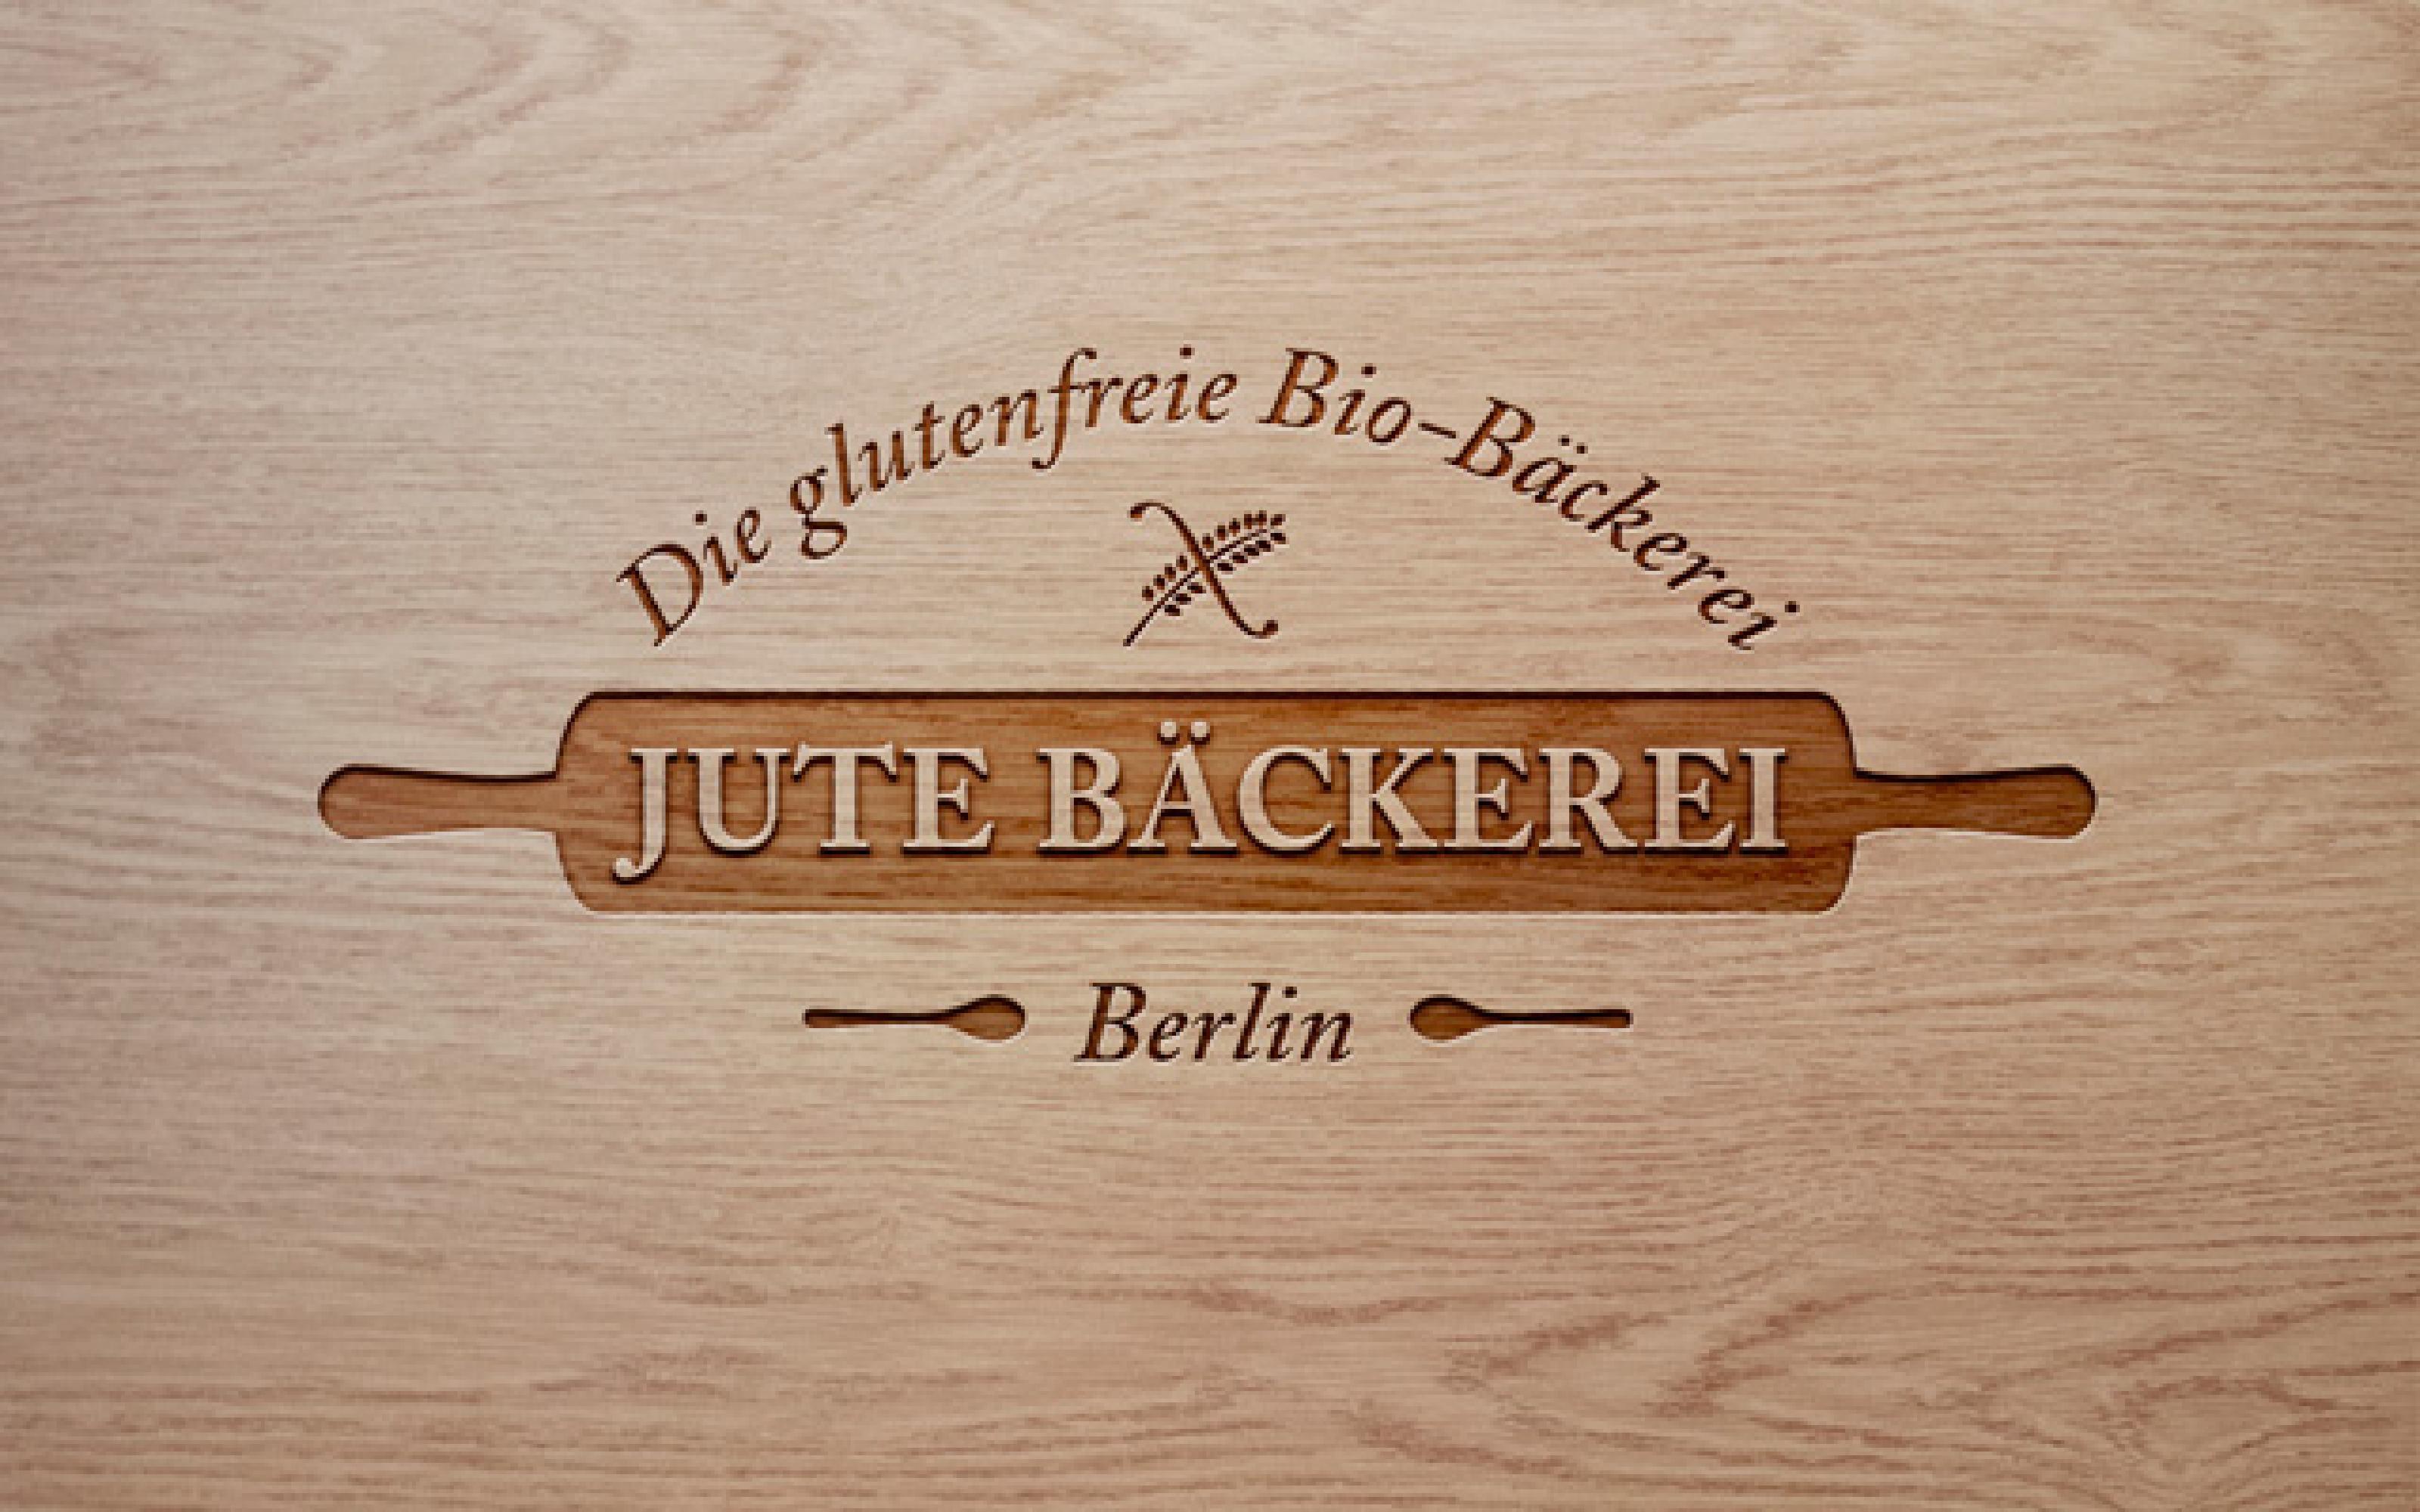 JuteBäckerei-glutenfreieBäckerei-logo-FORMLOS-Berlin-logo-wooden-00